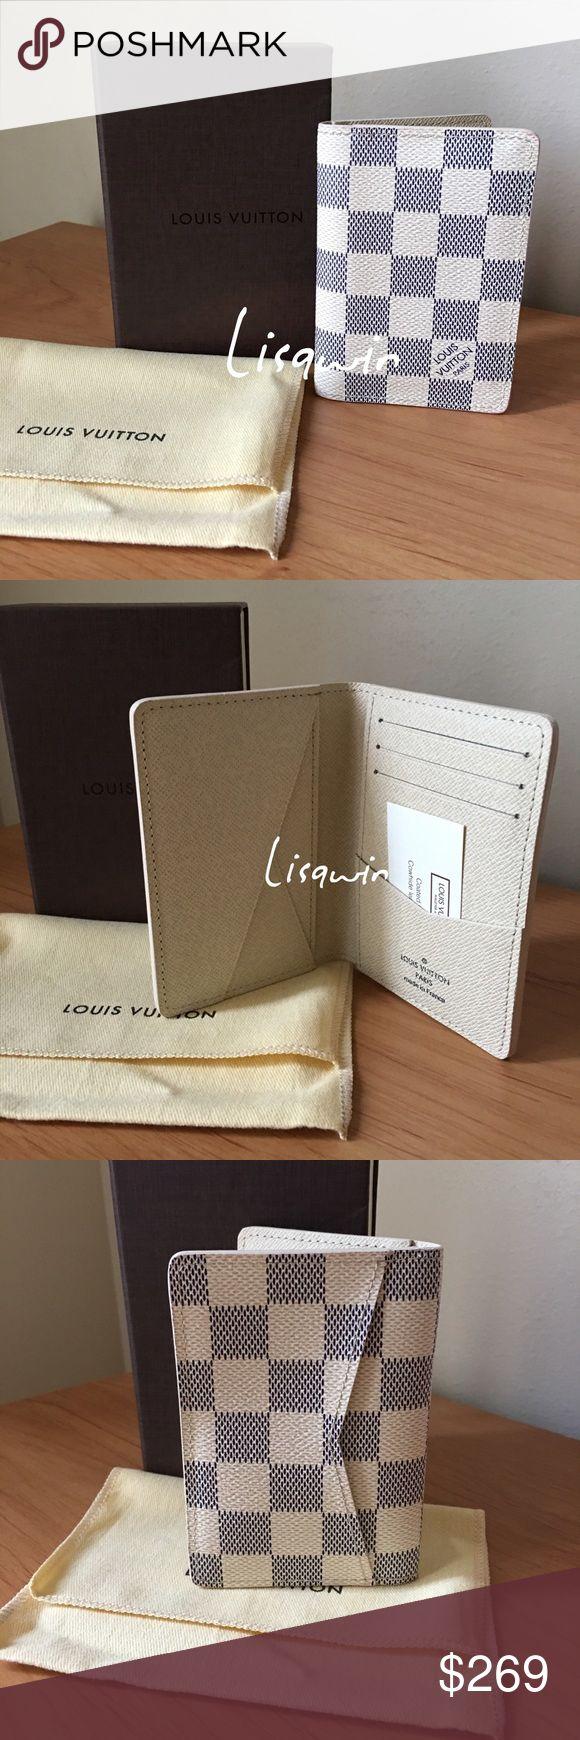 % Authentic Louis Vuitton Men's Wallet  Excellent condition, comes with dust bag, box and receipt envelope. Louis Vuitton Bags Wallets